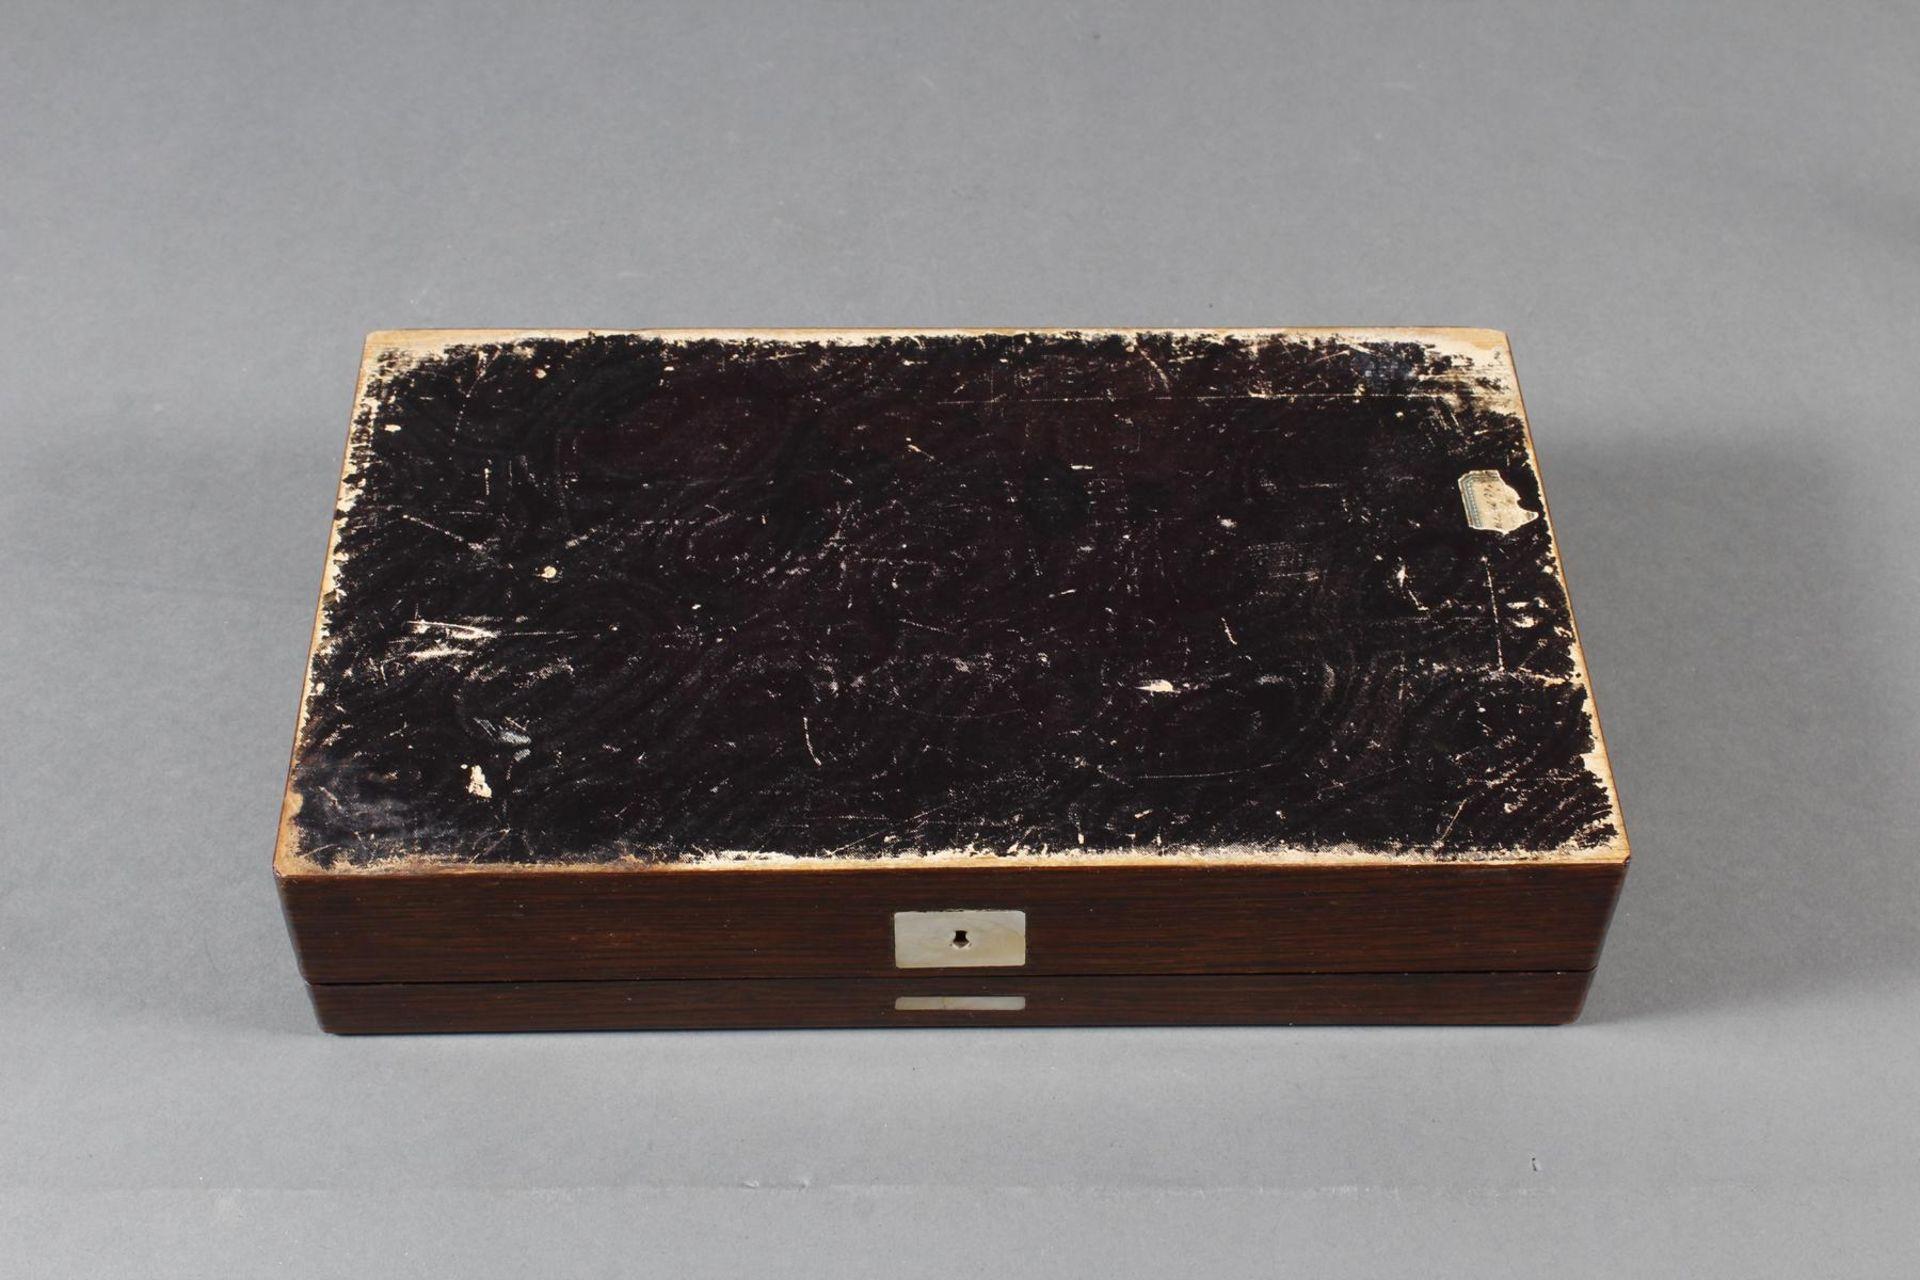 Holzschatulle, wohl deutsch, Mitte 19. Jahrhundert - Bild 5 aus 5